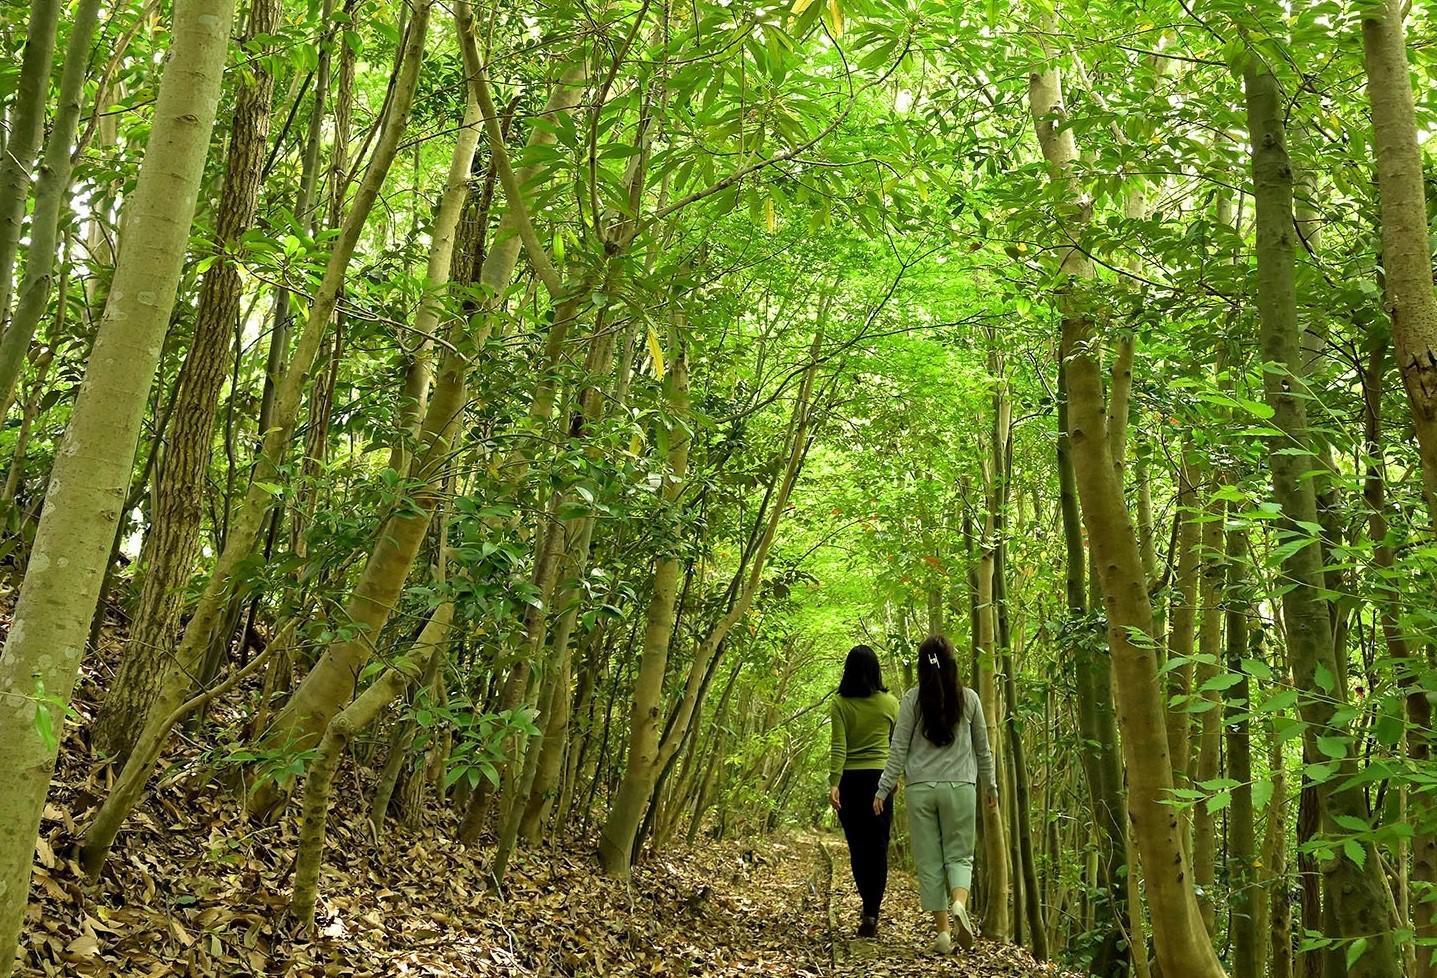 社員が約3万本の在来種を植樹し育てた「エスペックの森」